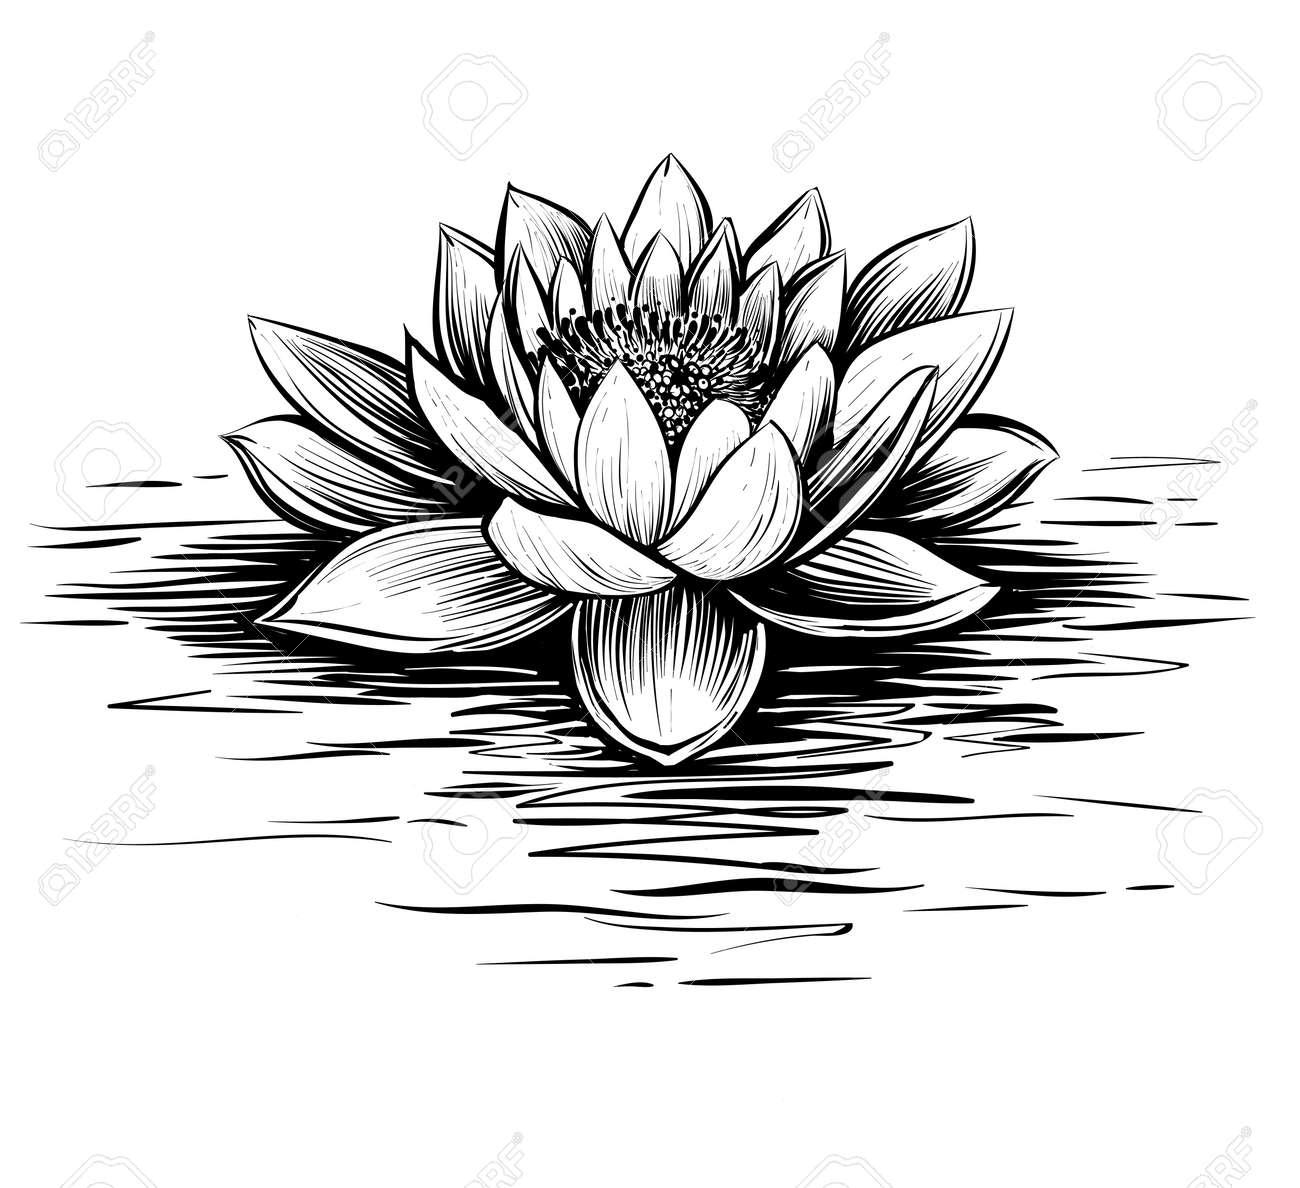 ベクトルの睡蓮蓮のイラストです黒と白のグラフィック アートのライン